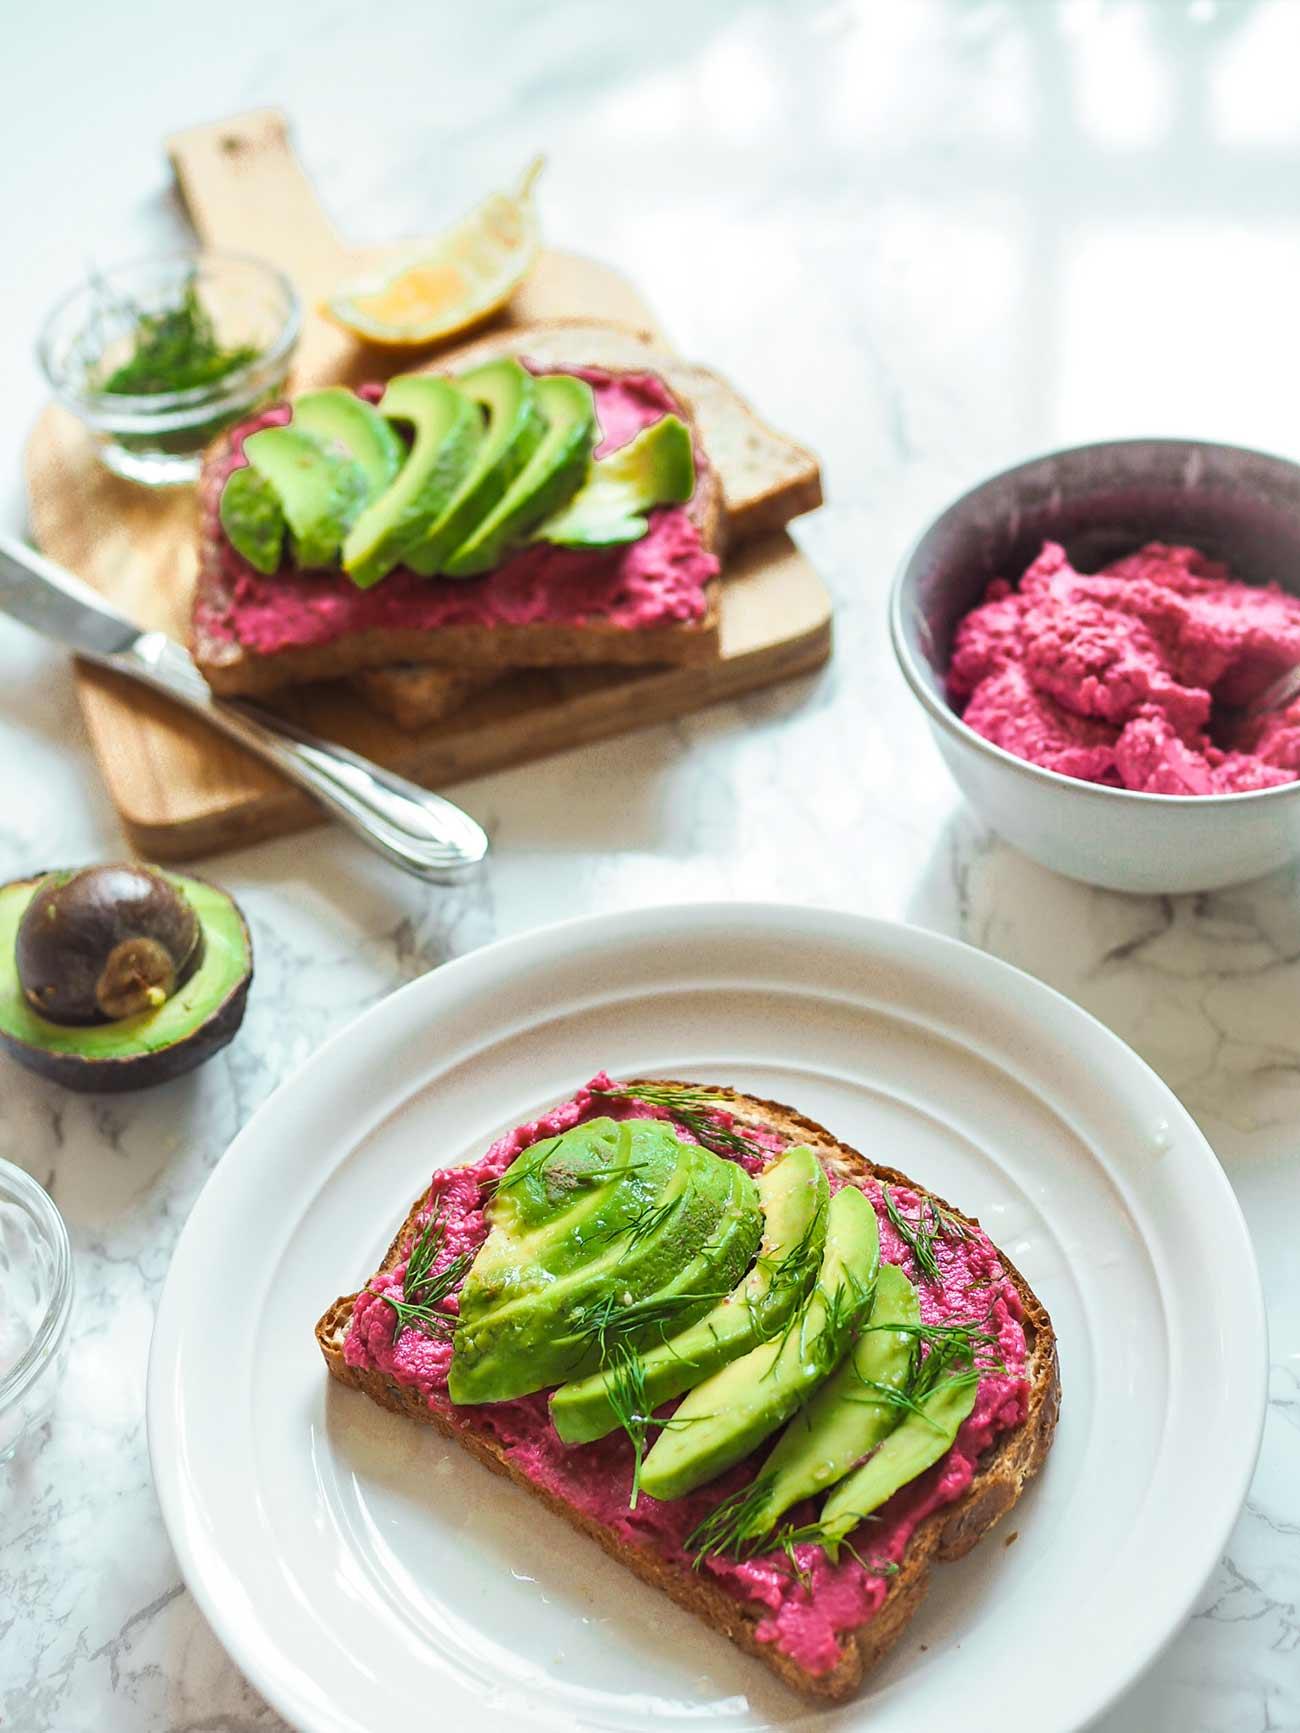 toast ideas - avocado beet hummus toast